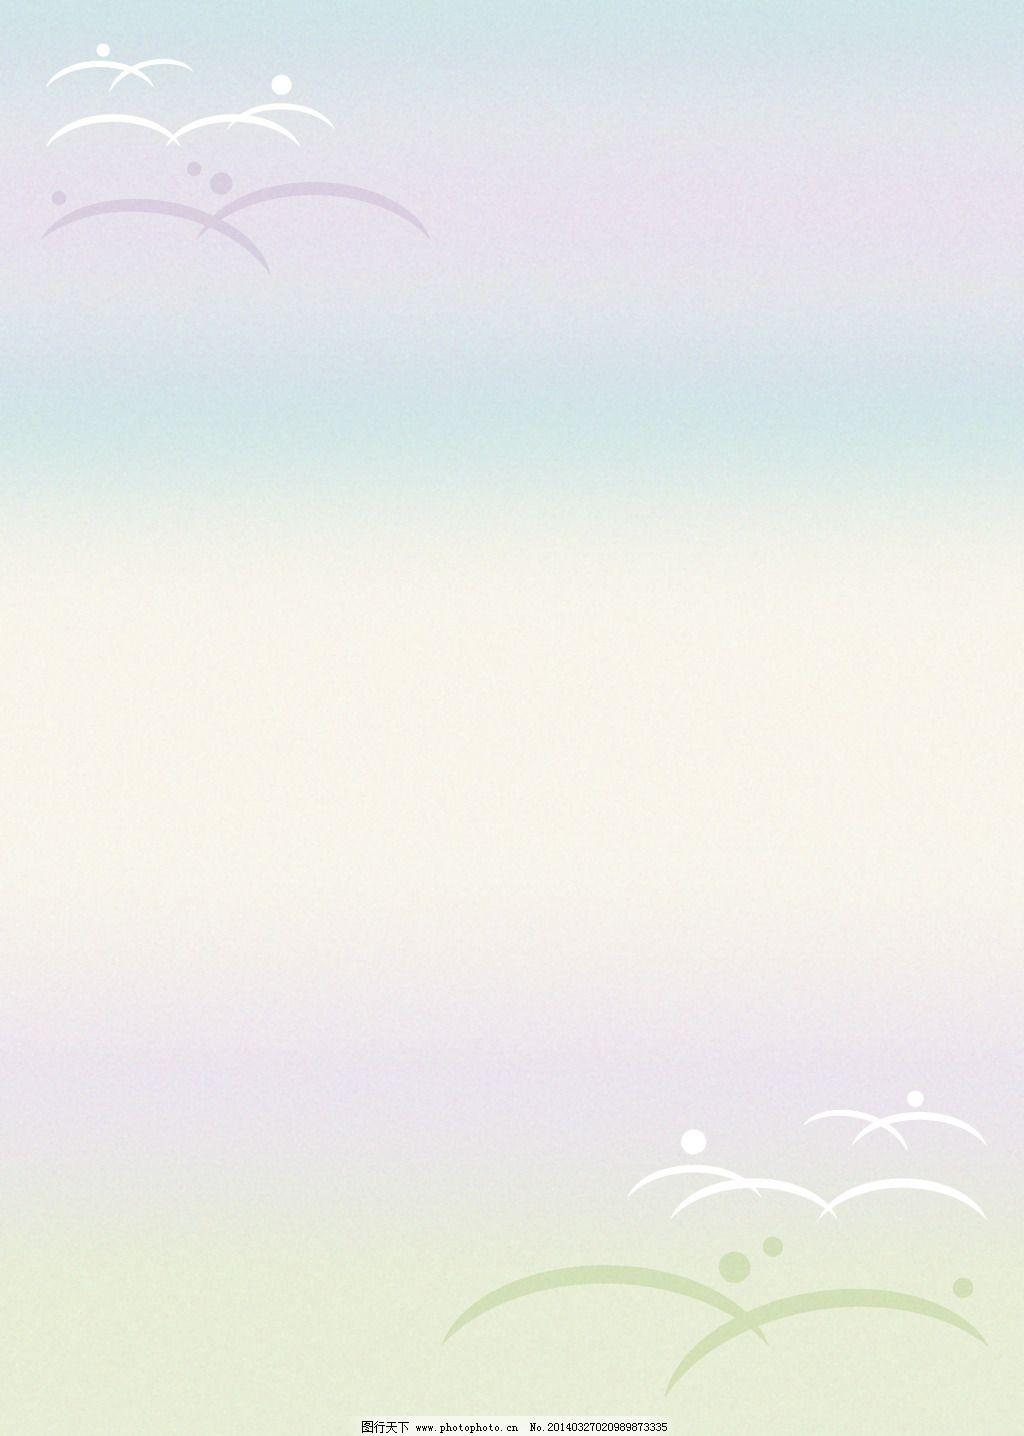 淡雅背景叠加雁型线条背景图免费下载 版面设计背景 版式 淡雅 叠加